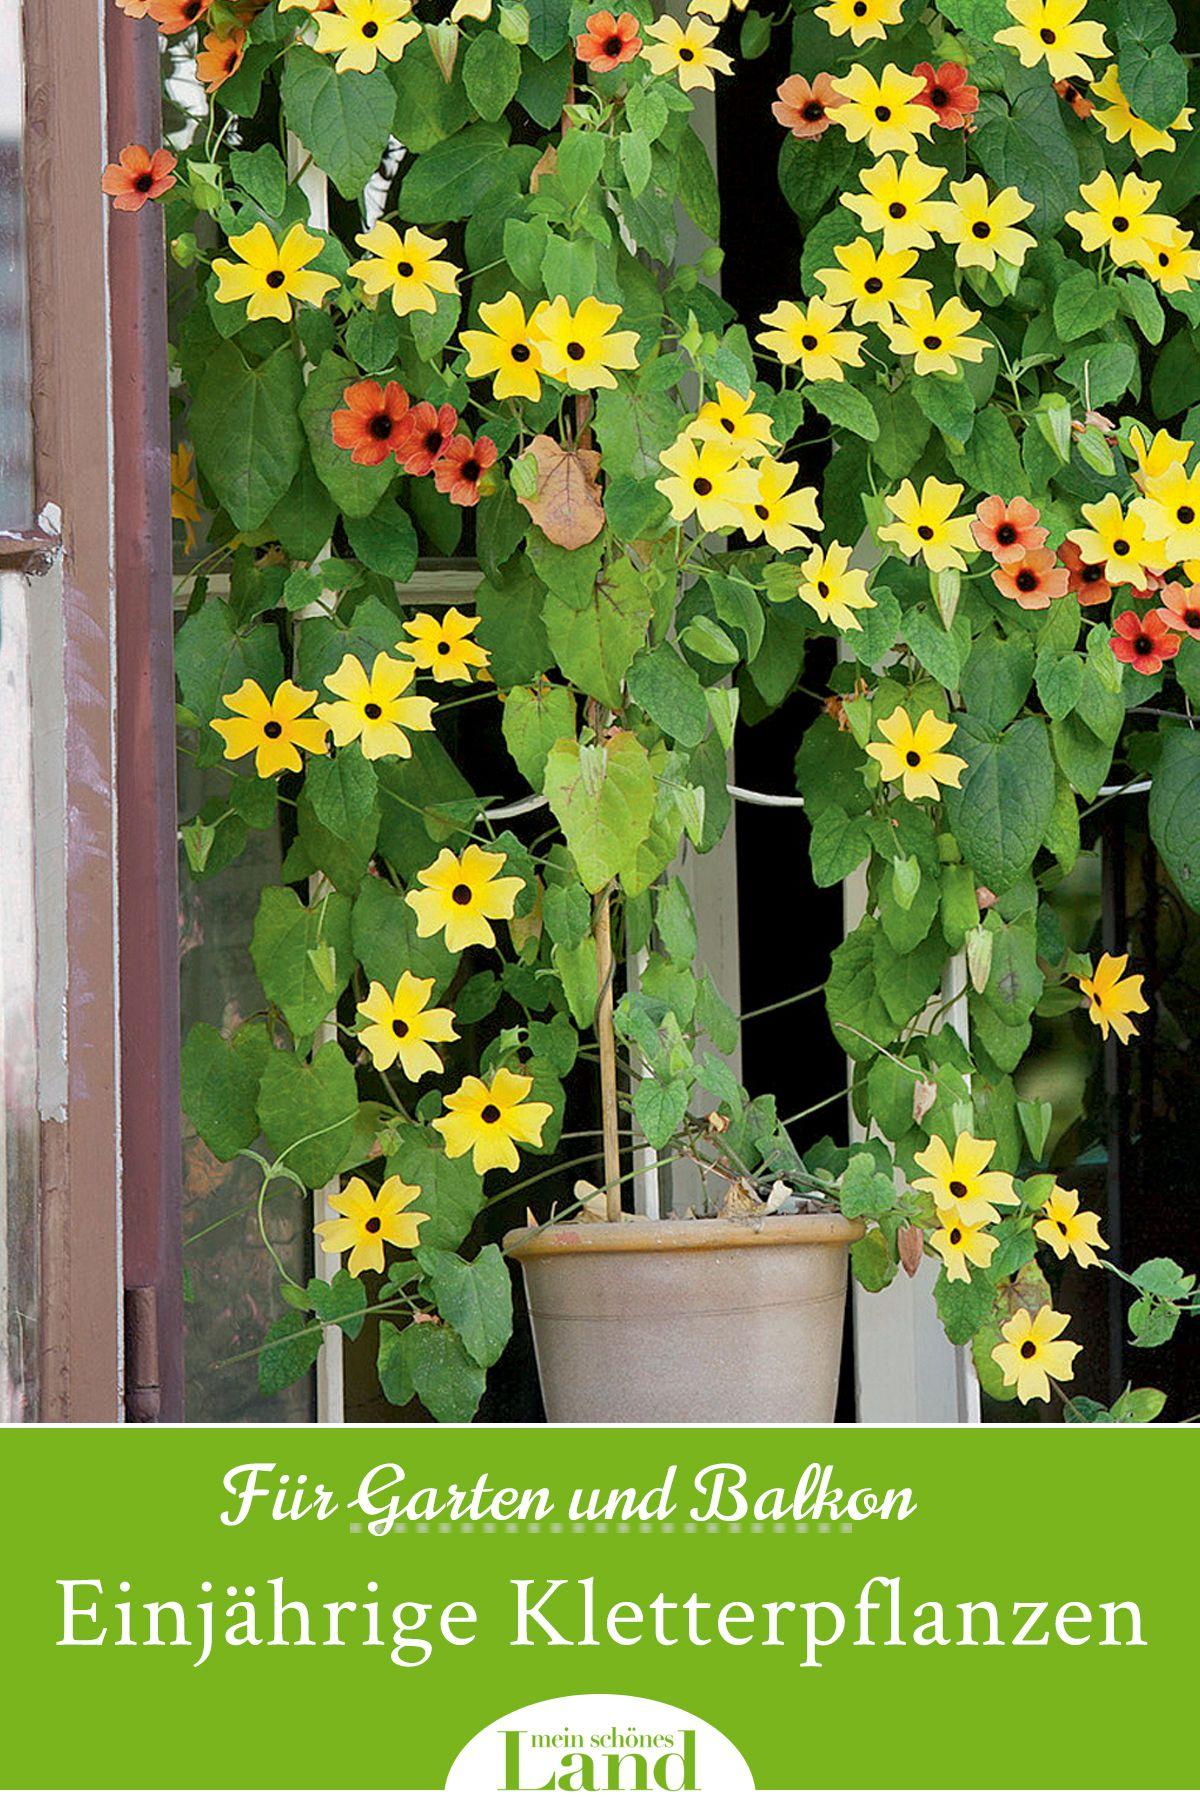 Einjahrige Kletterpflanzen Kletterpflanzen Pflanzen Einjahrige